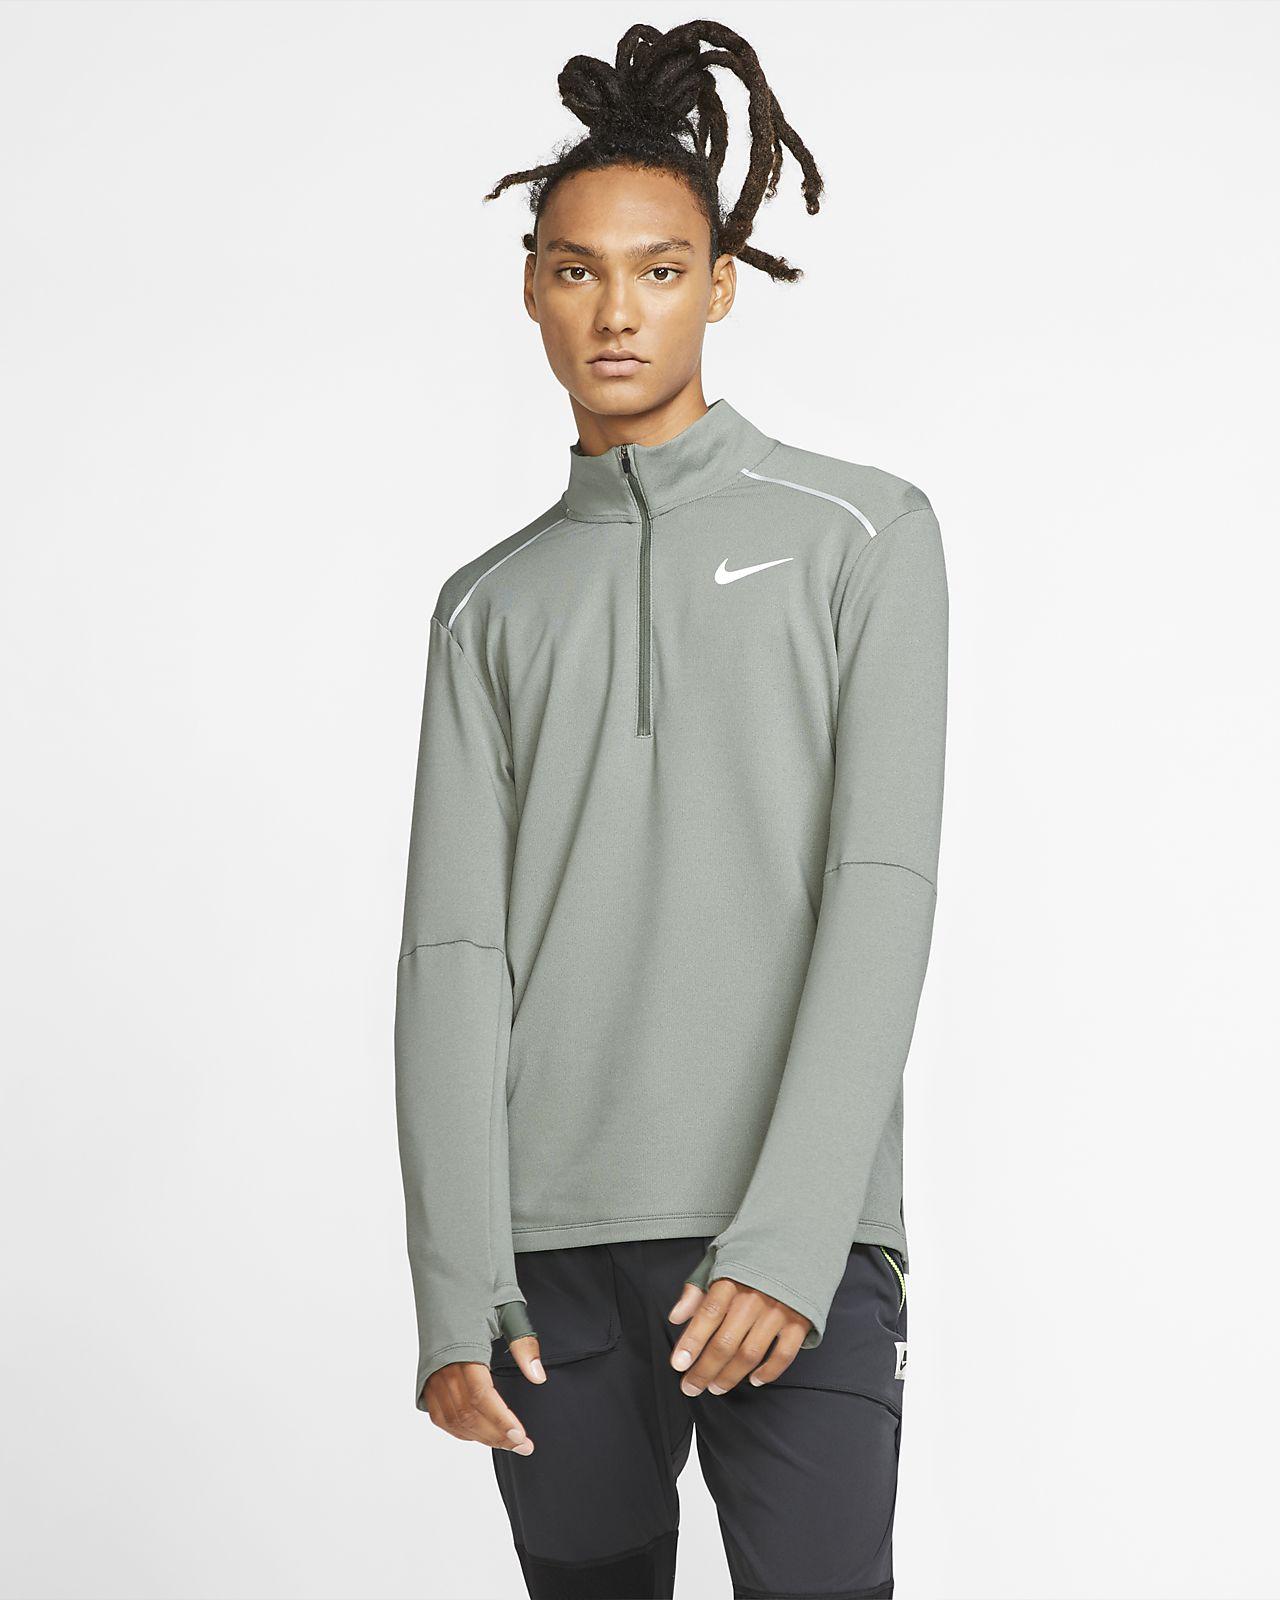 Nike 3.0 løpetrøye med halv glidelås til herre